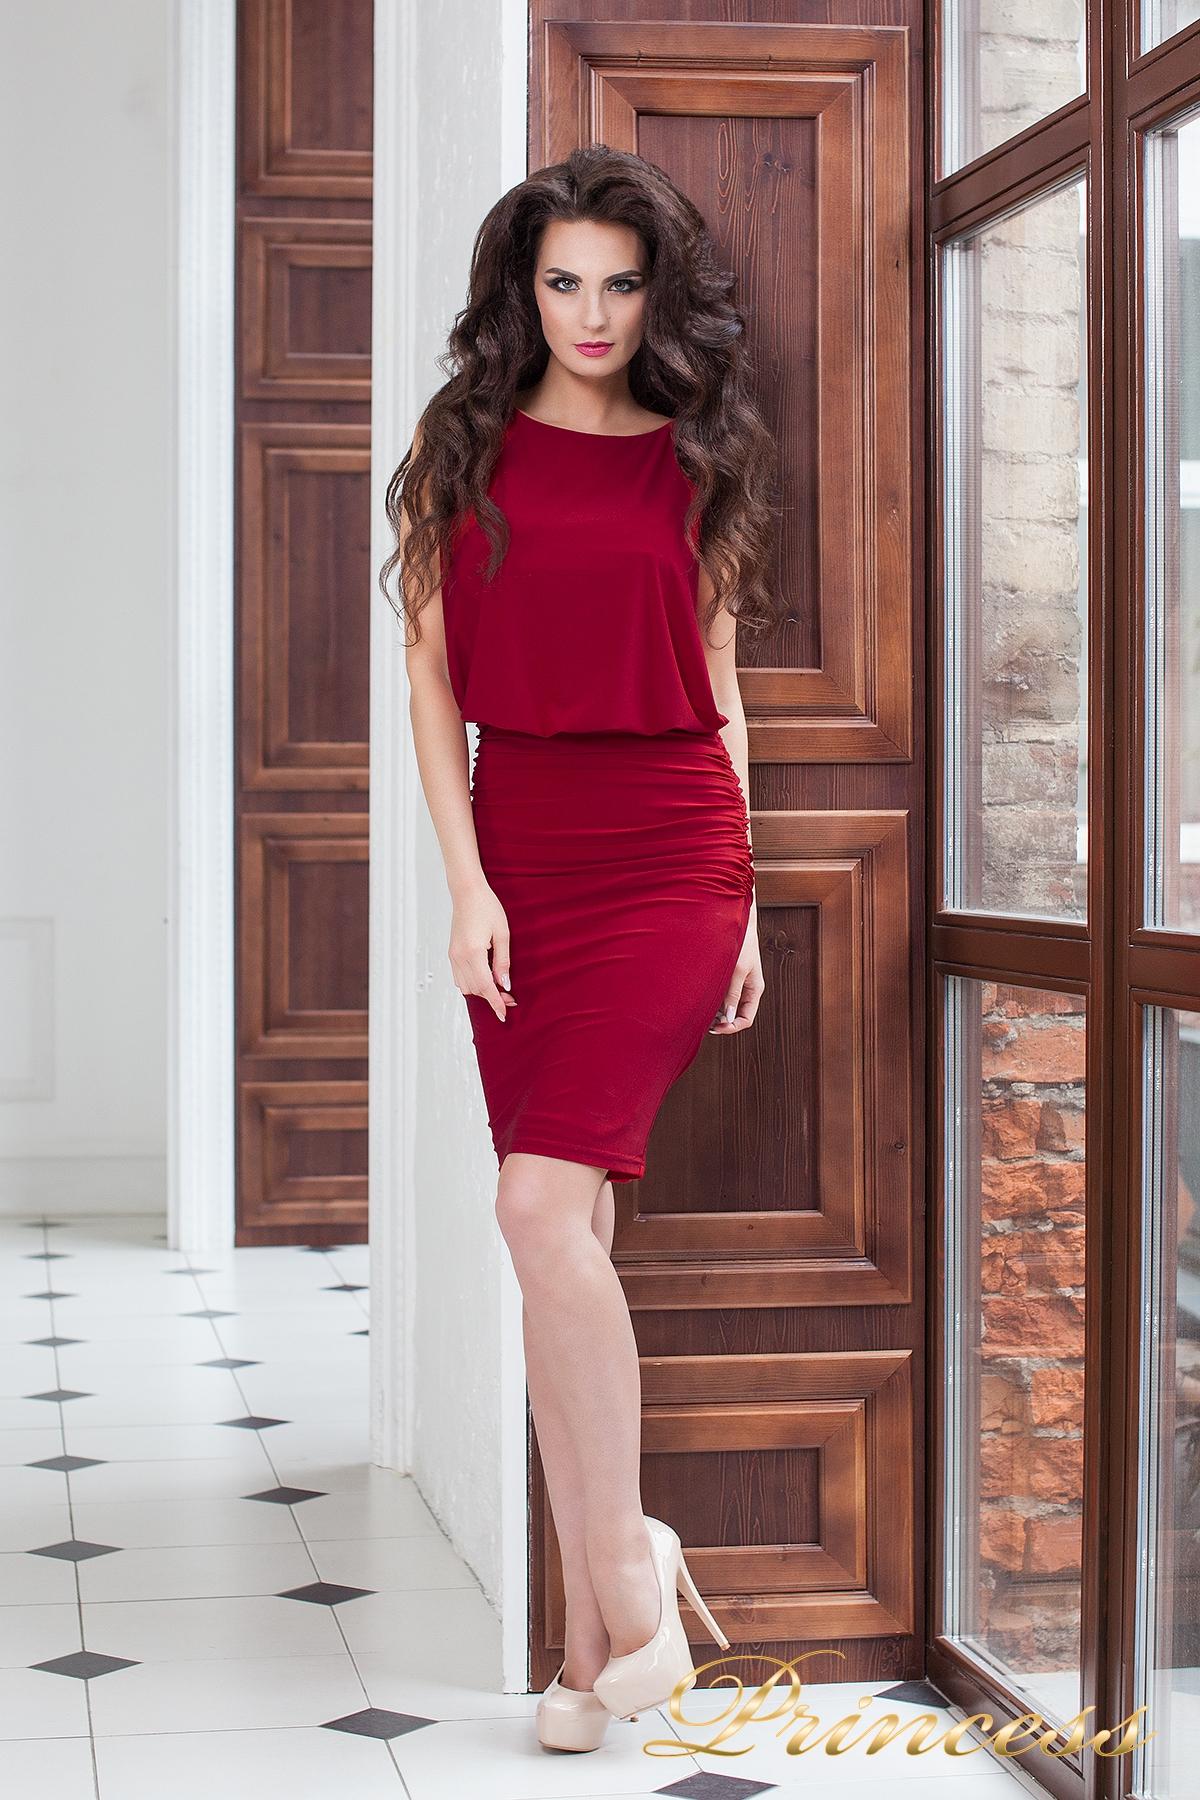 4cda7c24af9 Купить коктейльное платье 15003 red красного цвета по цене 20500 руб ...